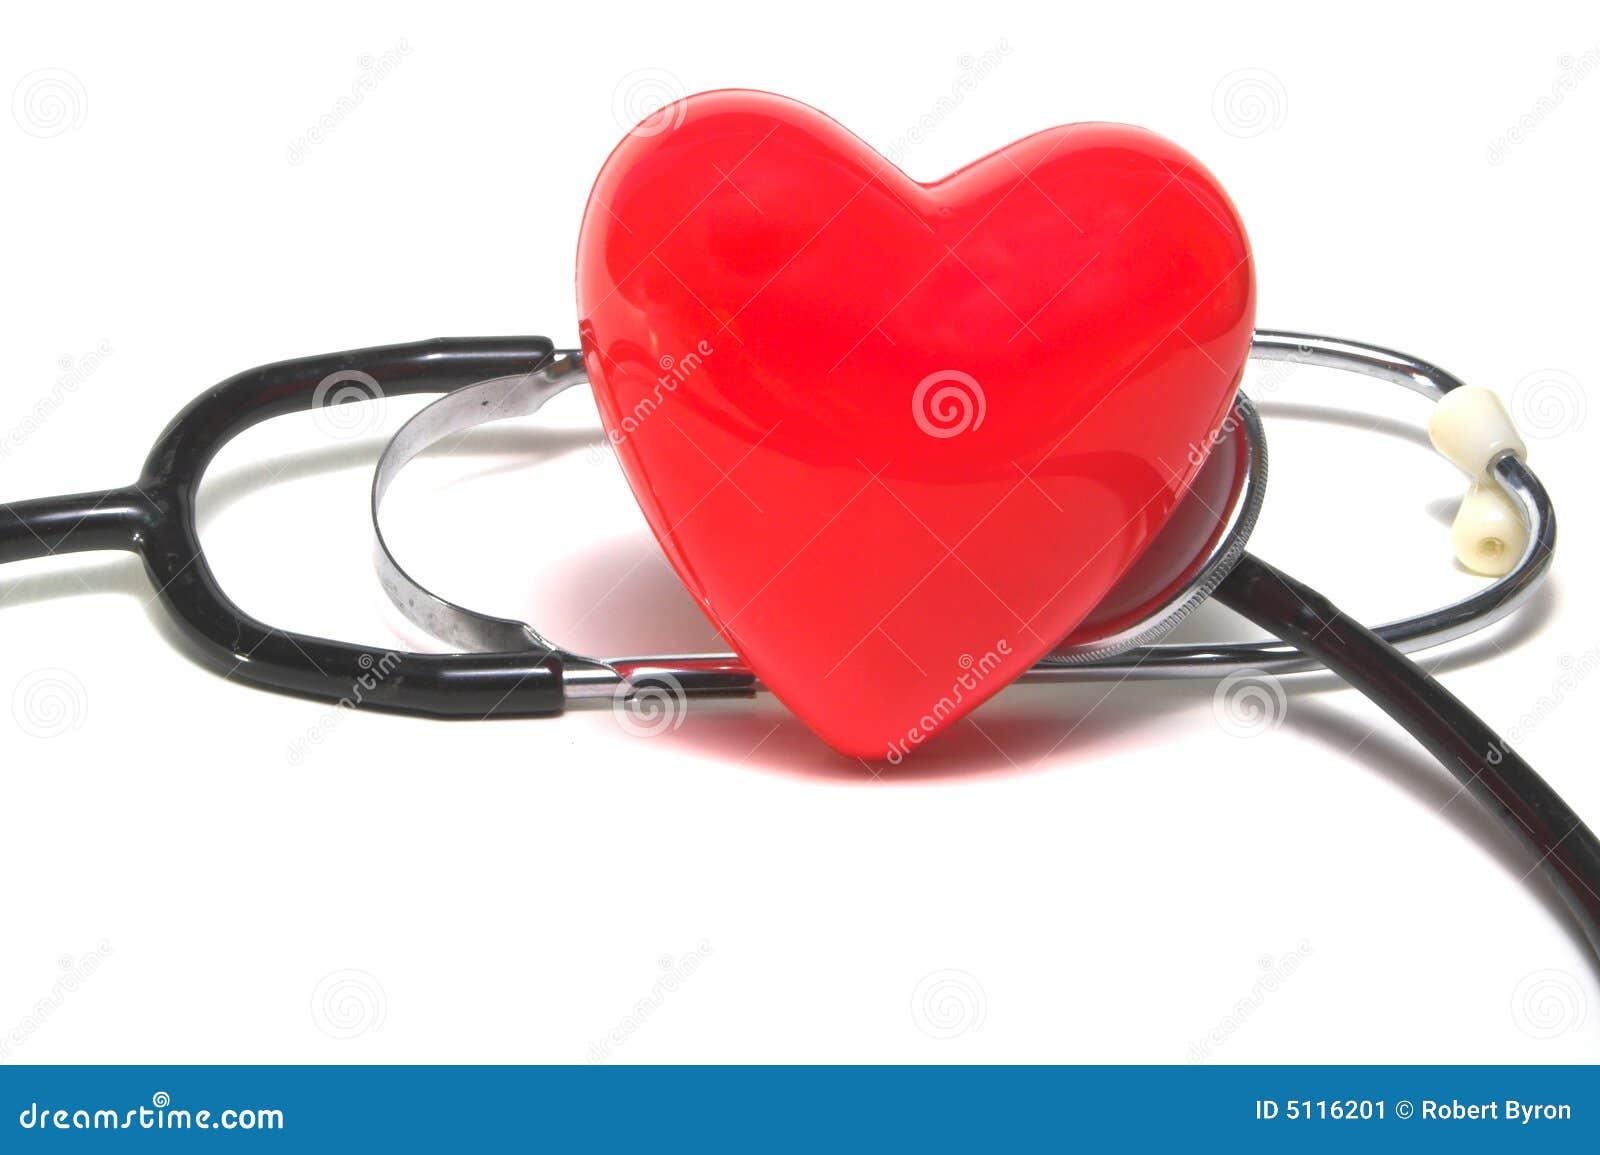 Cardiology Stock Image - Image: 5116201